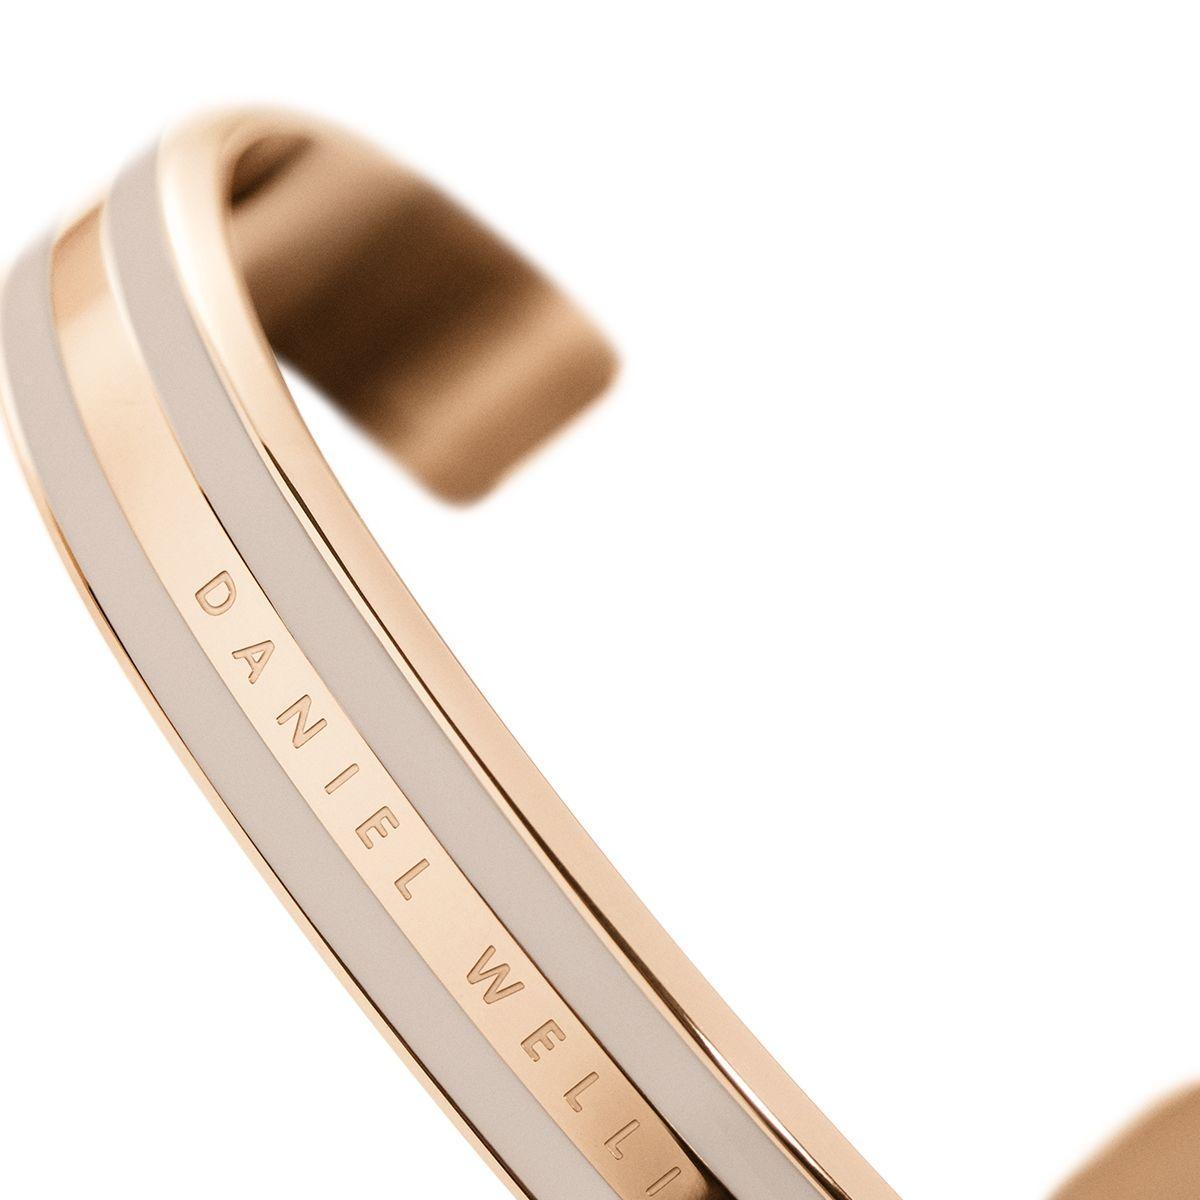 dw官网 dw手表官网 dw中国官网 dw官方旗舰店 DW DW官网  Classic Bracelet Desert Sand RG S